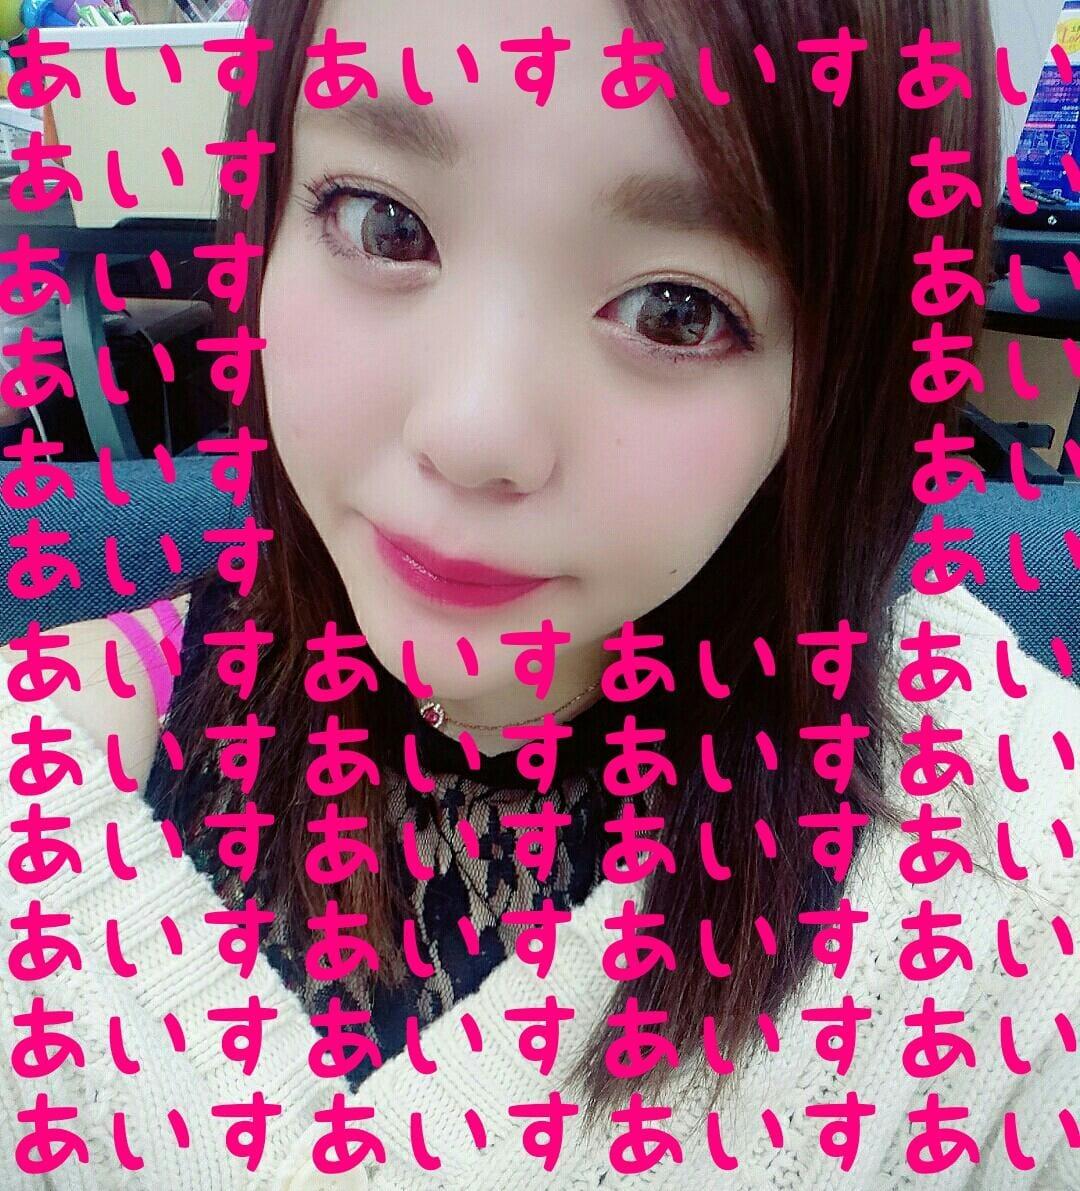 「にーはお☝( ^ω^)☝しぇいしぇい☝( ^ω^)☝」09/23(09/23) 16:01 | あいすの写メ・風俗動画